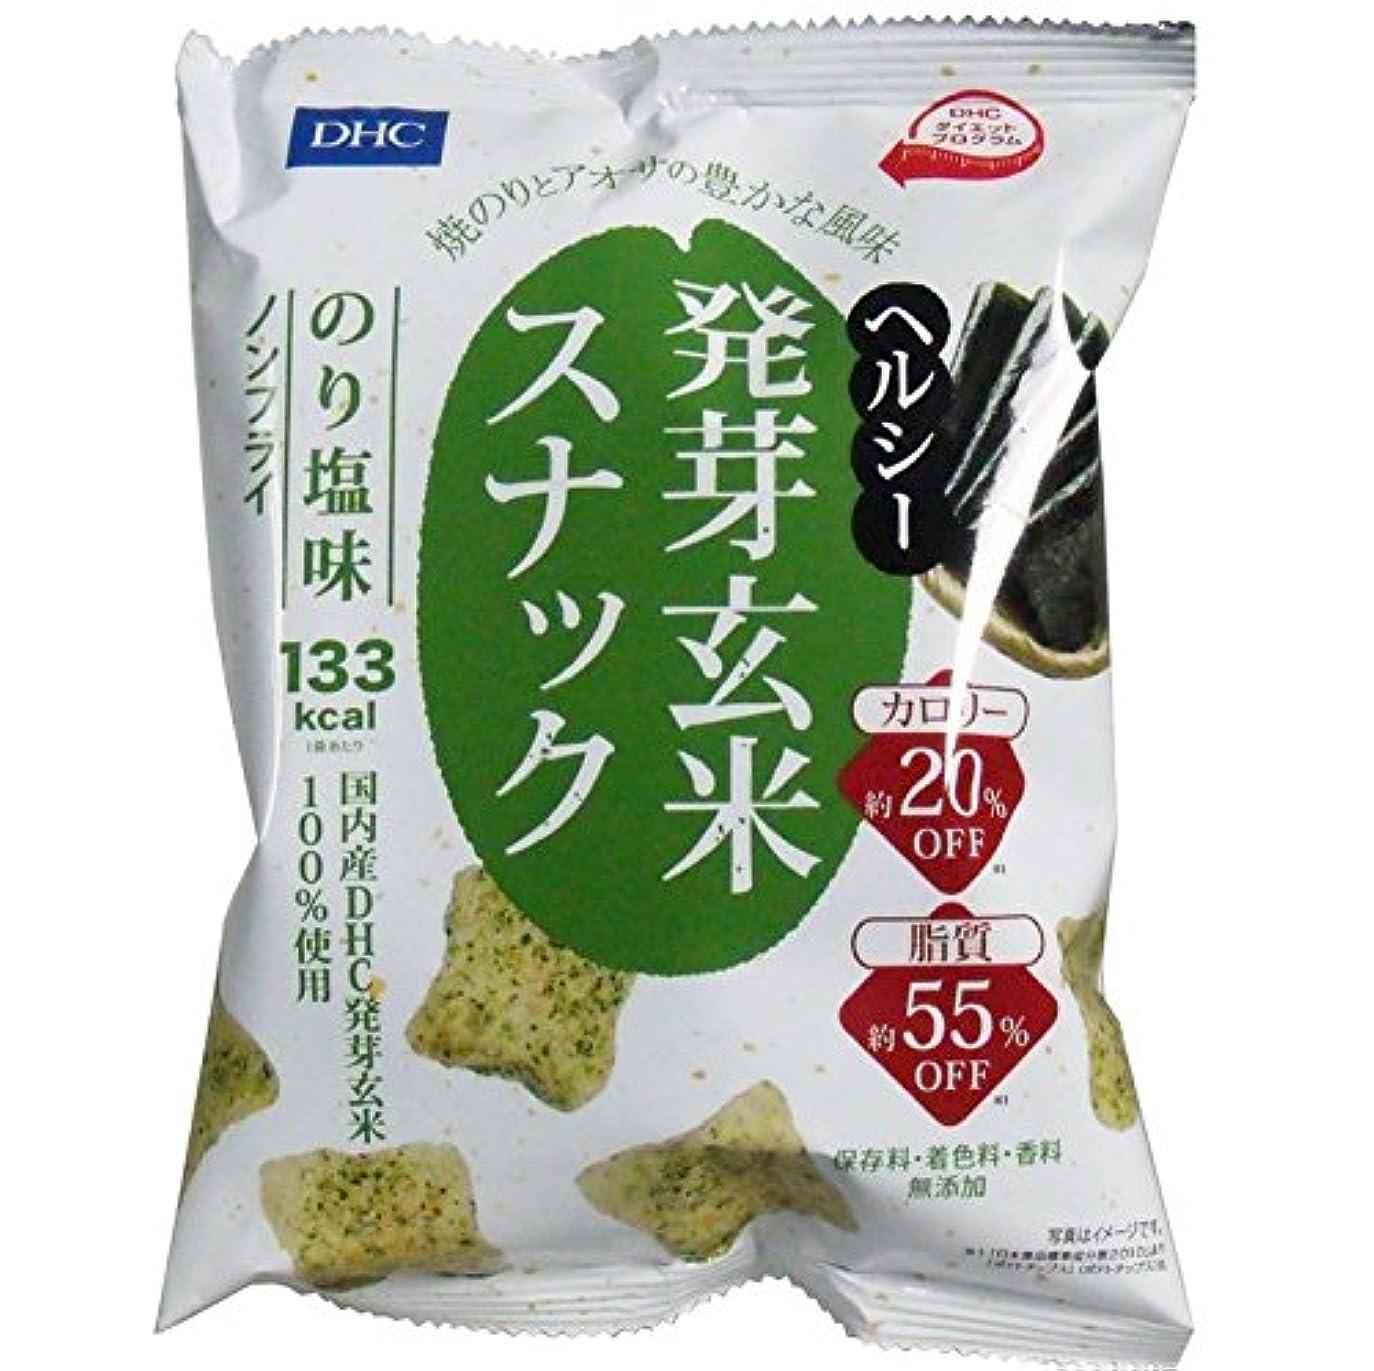 ロードハウスマオリレトルトDHC ヘルシー発芽玄米スナック のり塩味 30g×12袋